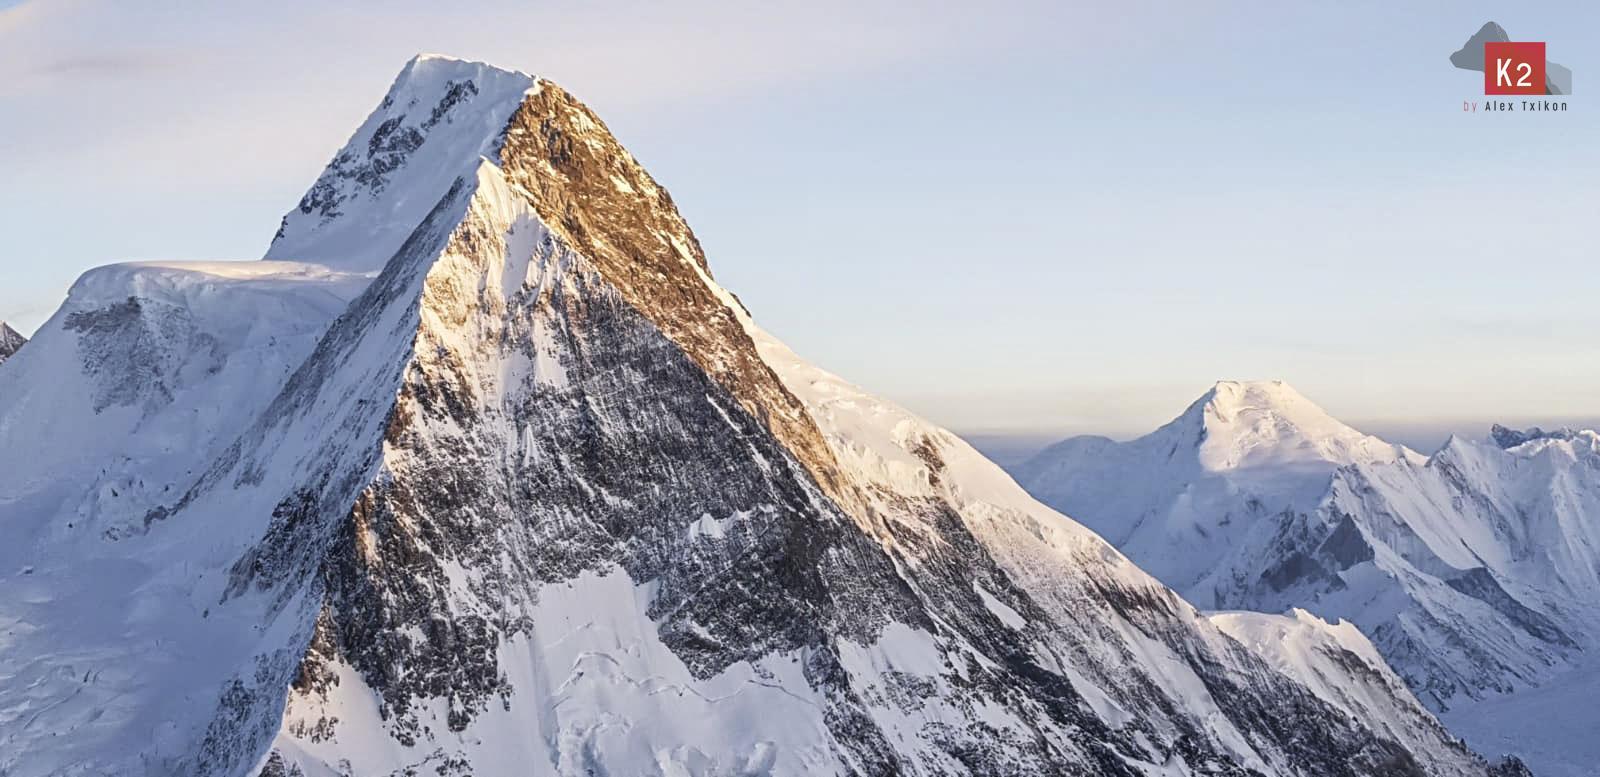 El último equipo en intentar el K2 invernal ha decidido bajar.